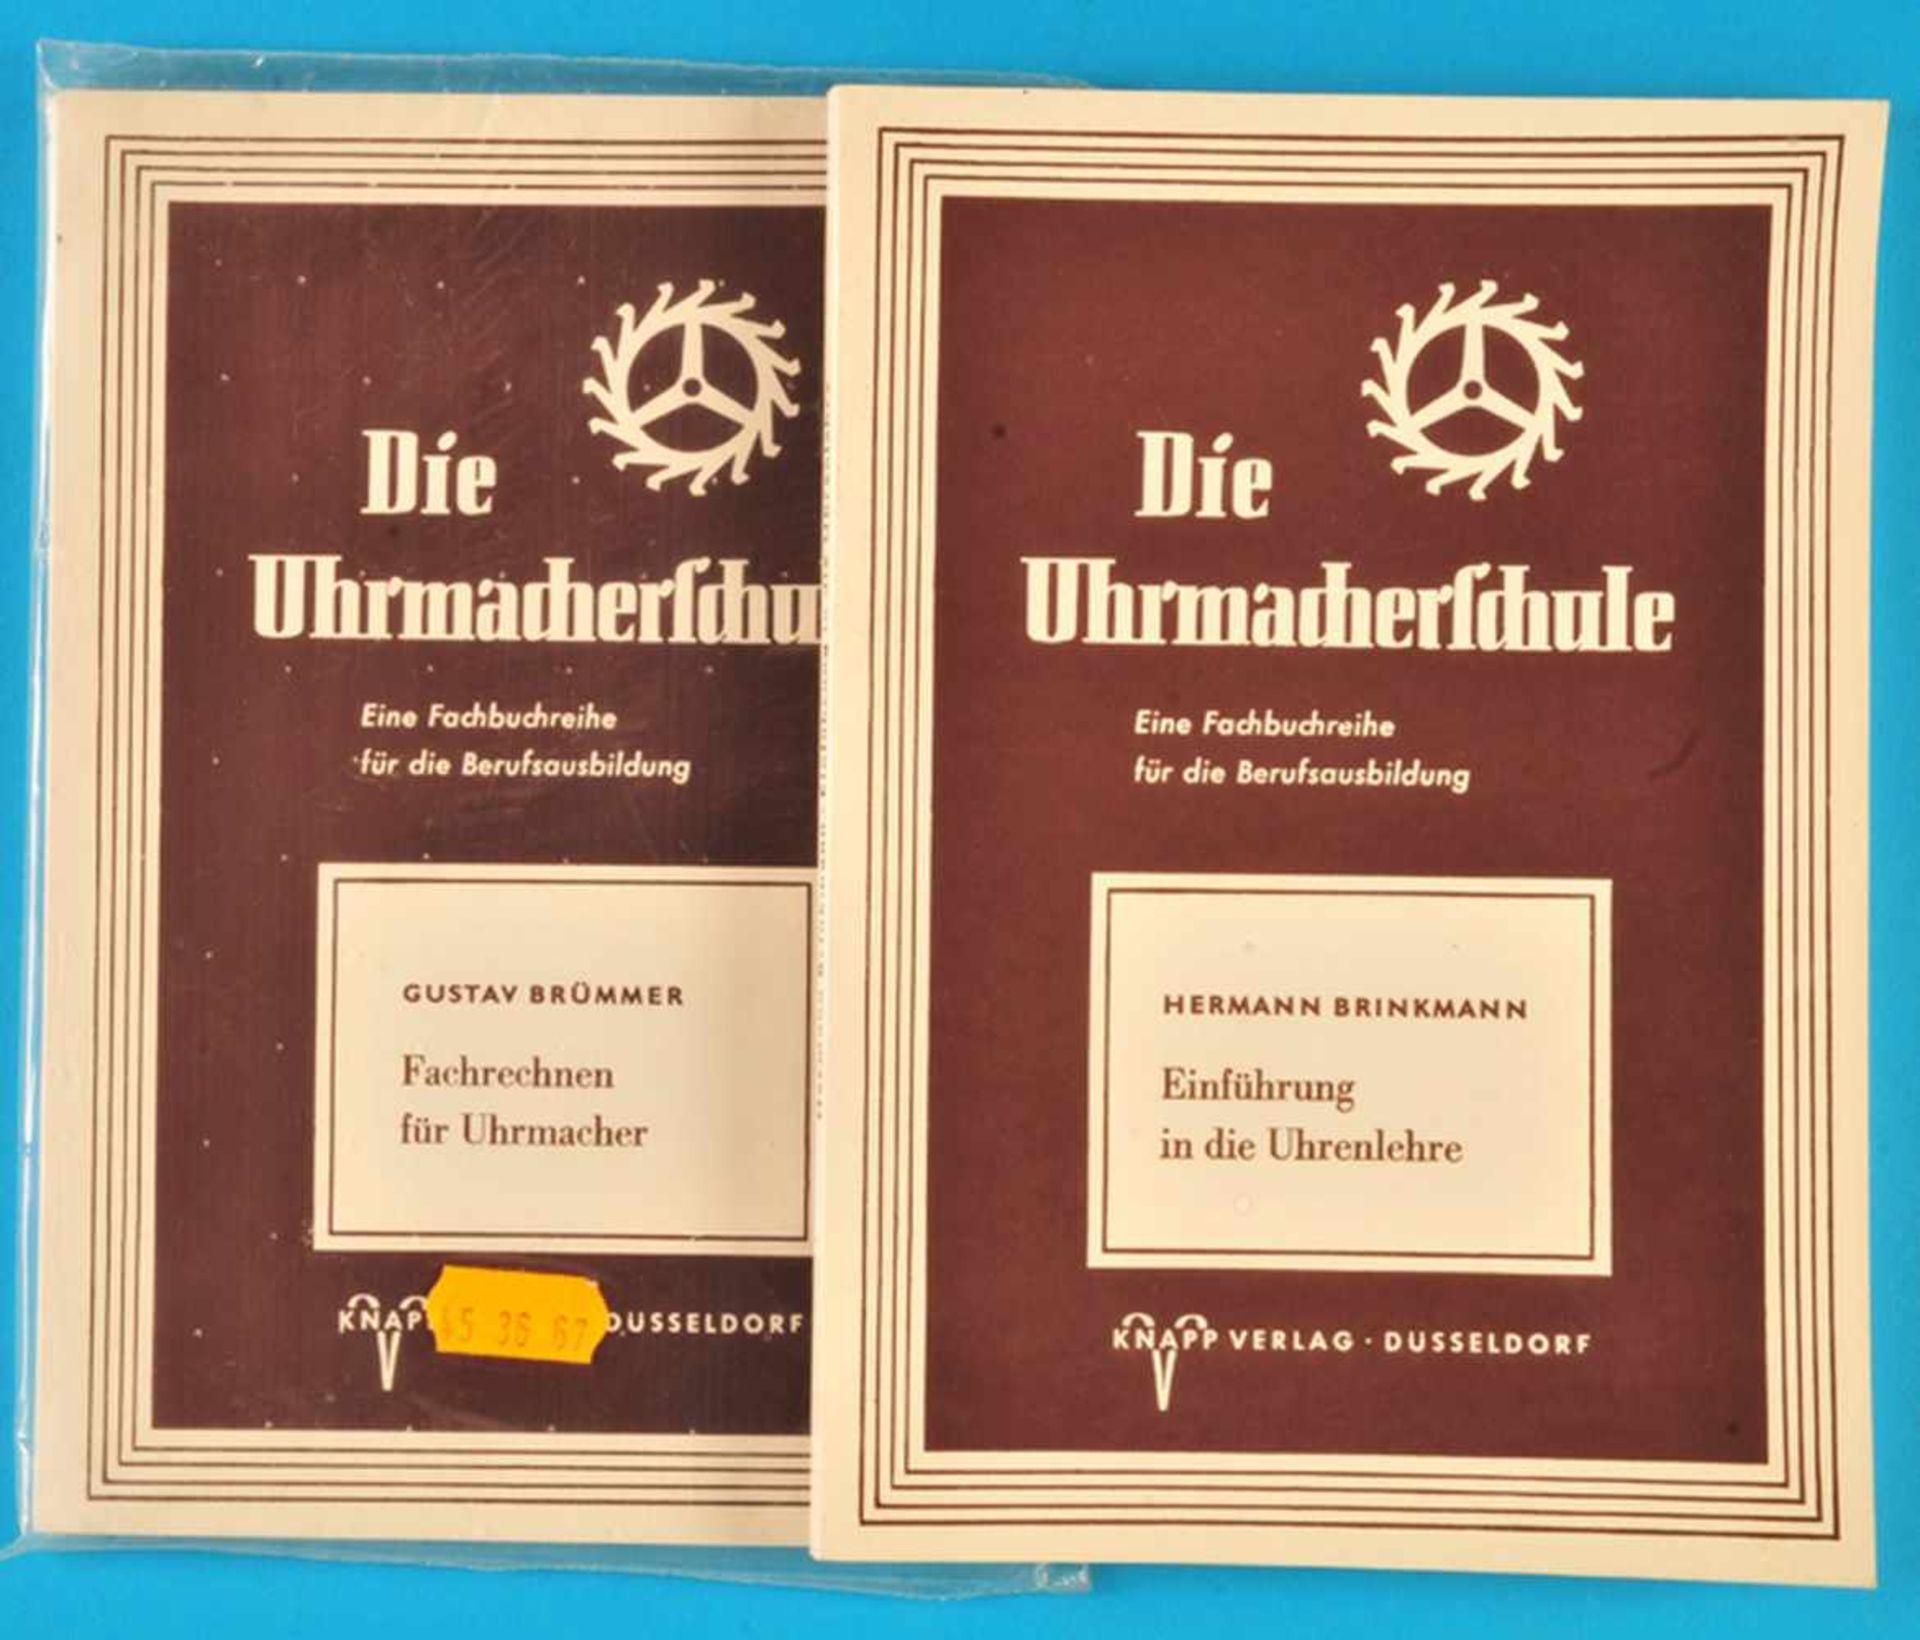 """Los 45 - 2 Hefte """"Die Uhrmacherschule"""", Hermann Brinkmann, Einführung in die Uhrenlehre, 19772 Hefte """"Die"""